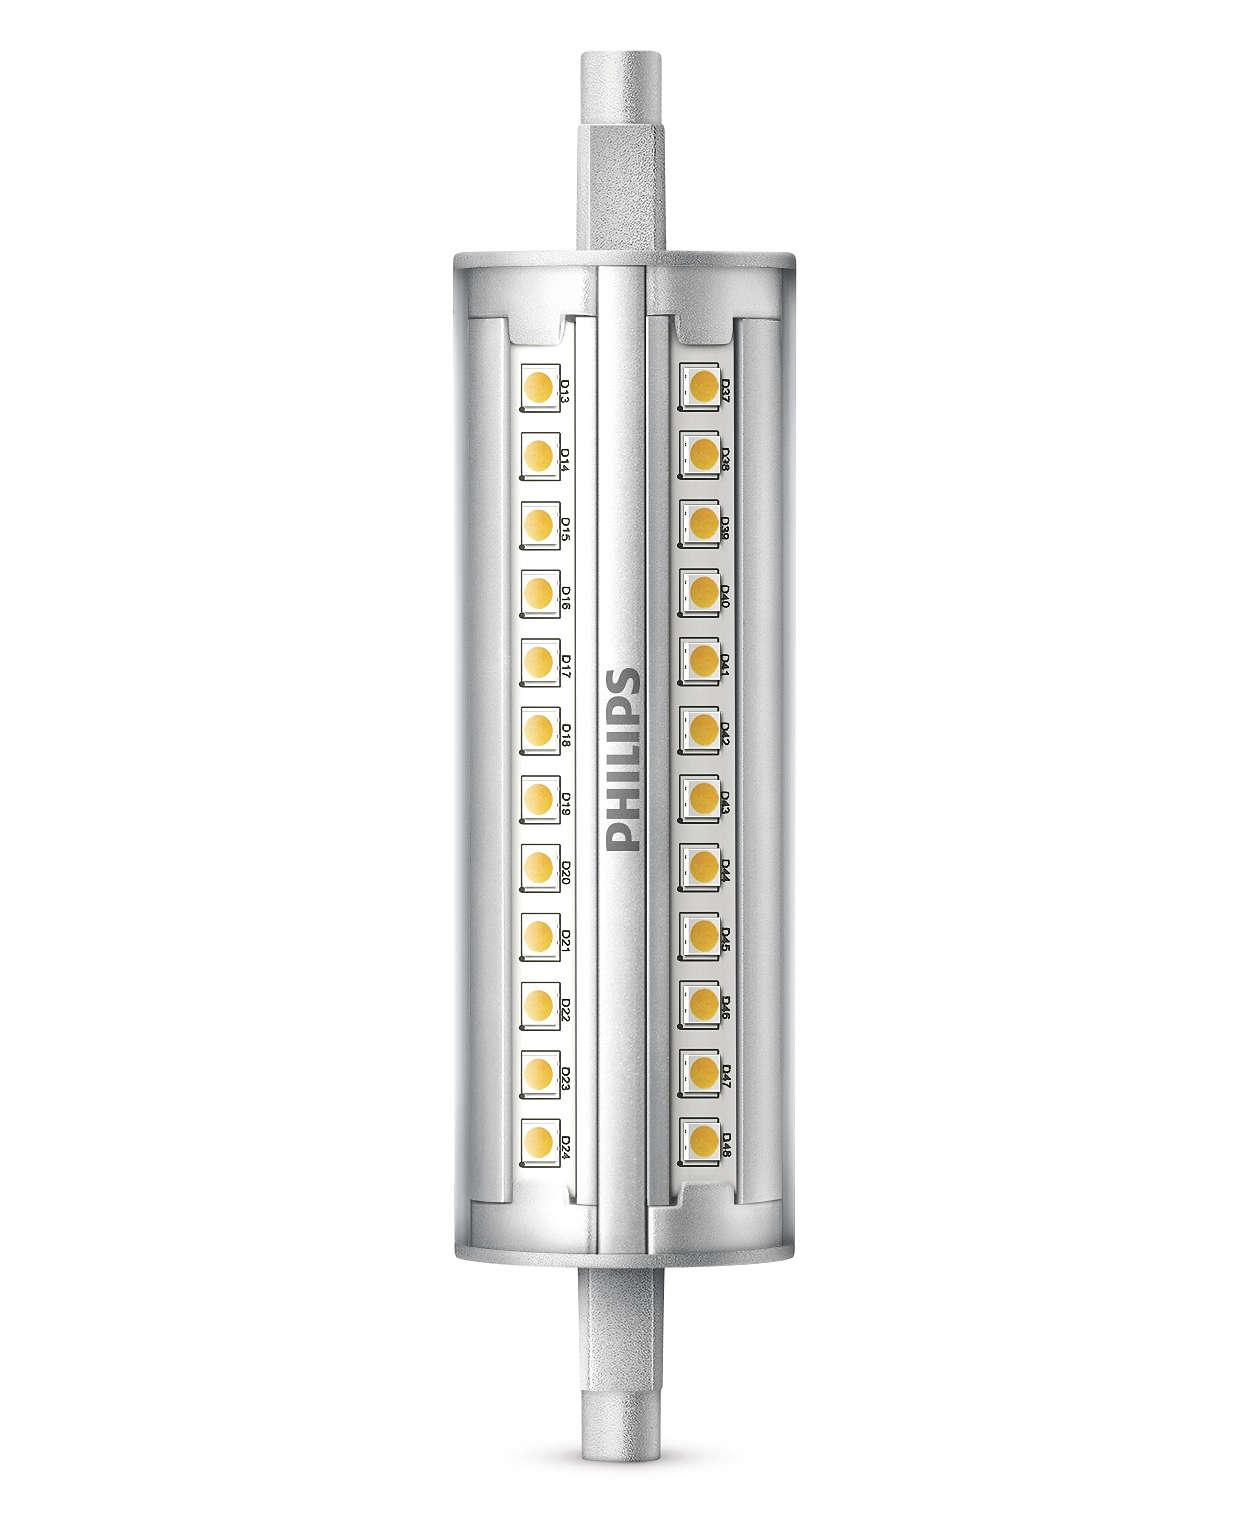 Langlebiges lineares LED-Licht mit einer 300-Grad-Glühlampe